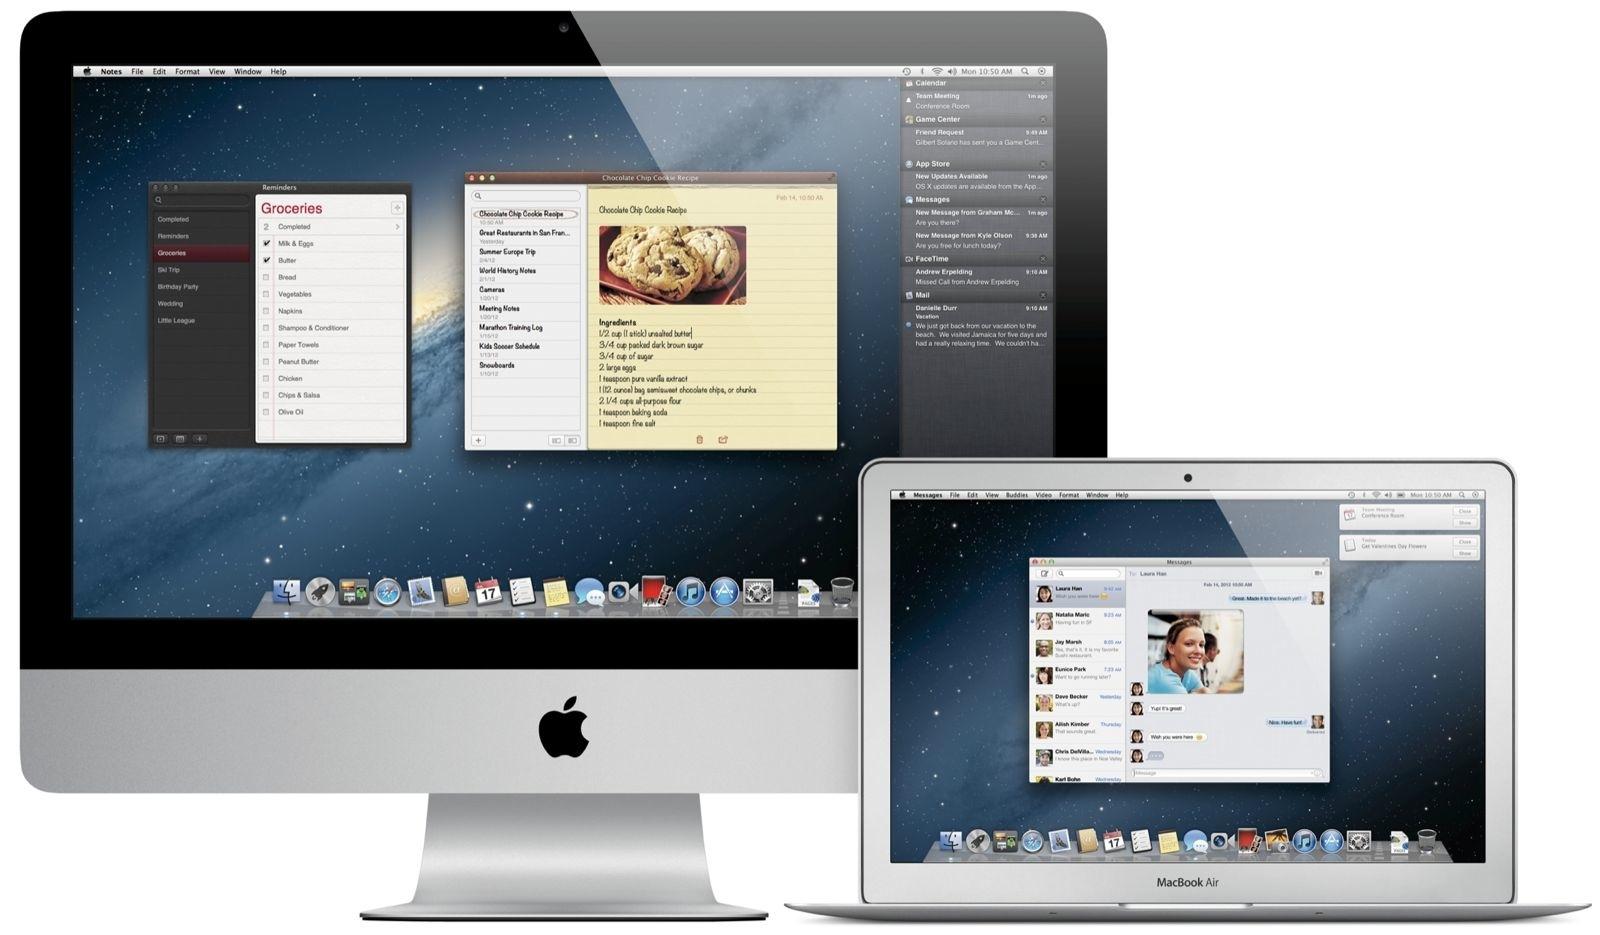 Nettoyer Mon Mac #12: Crystelle.fr